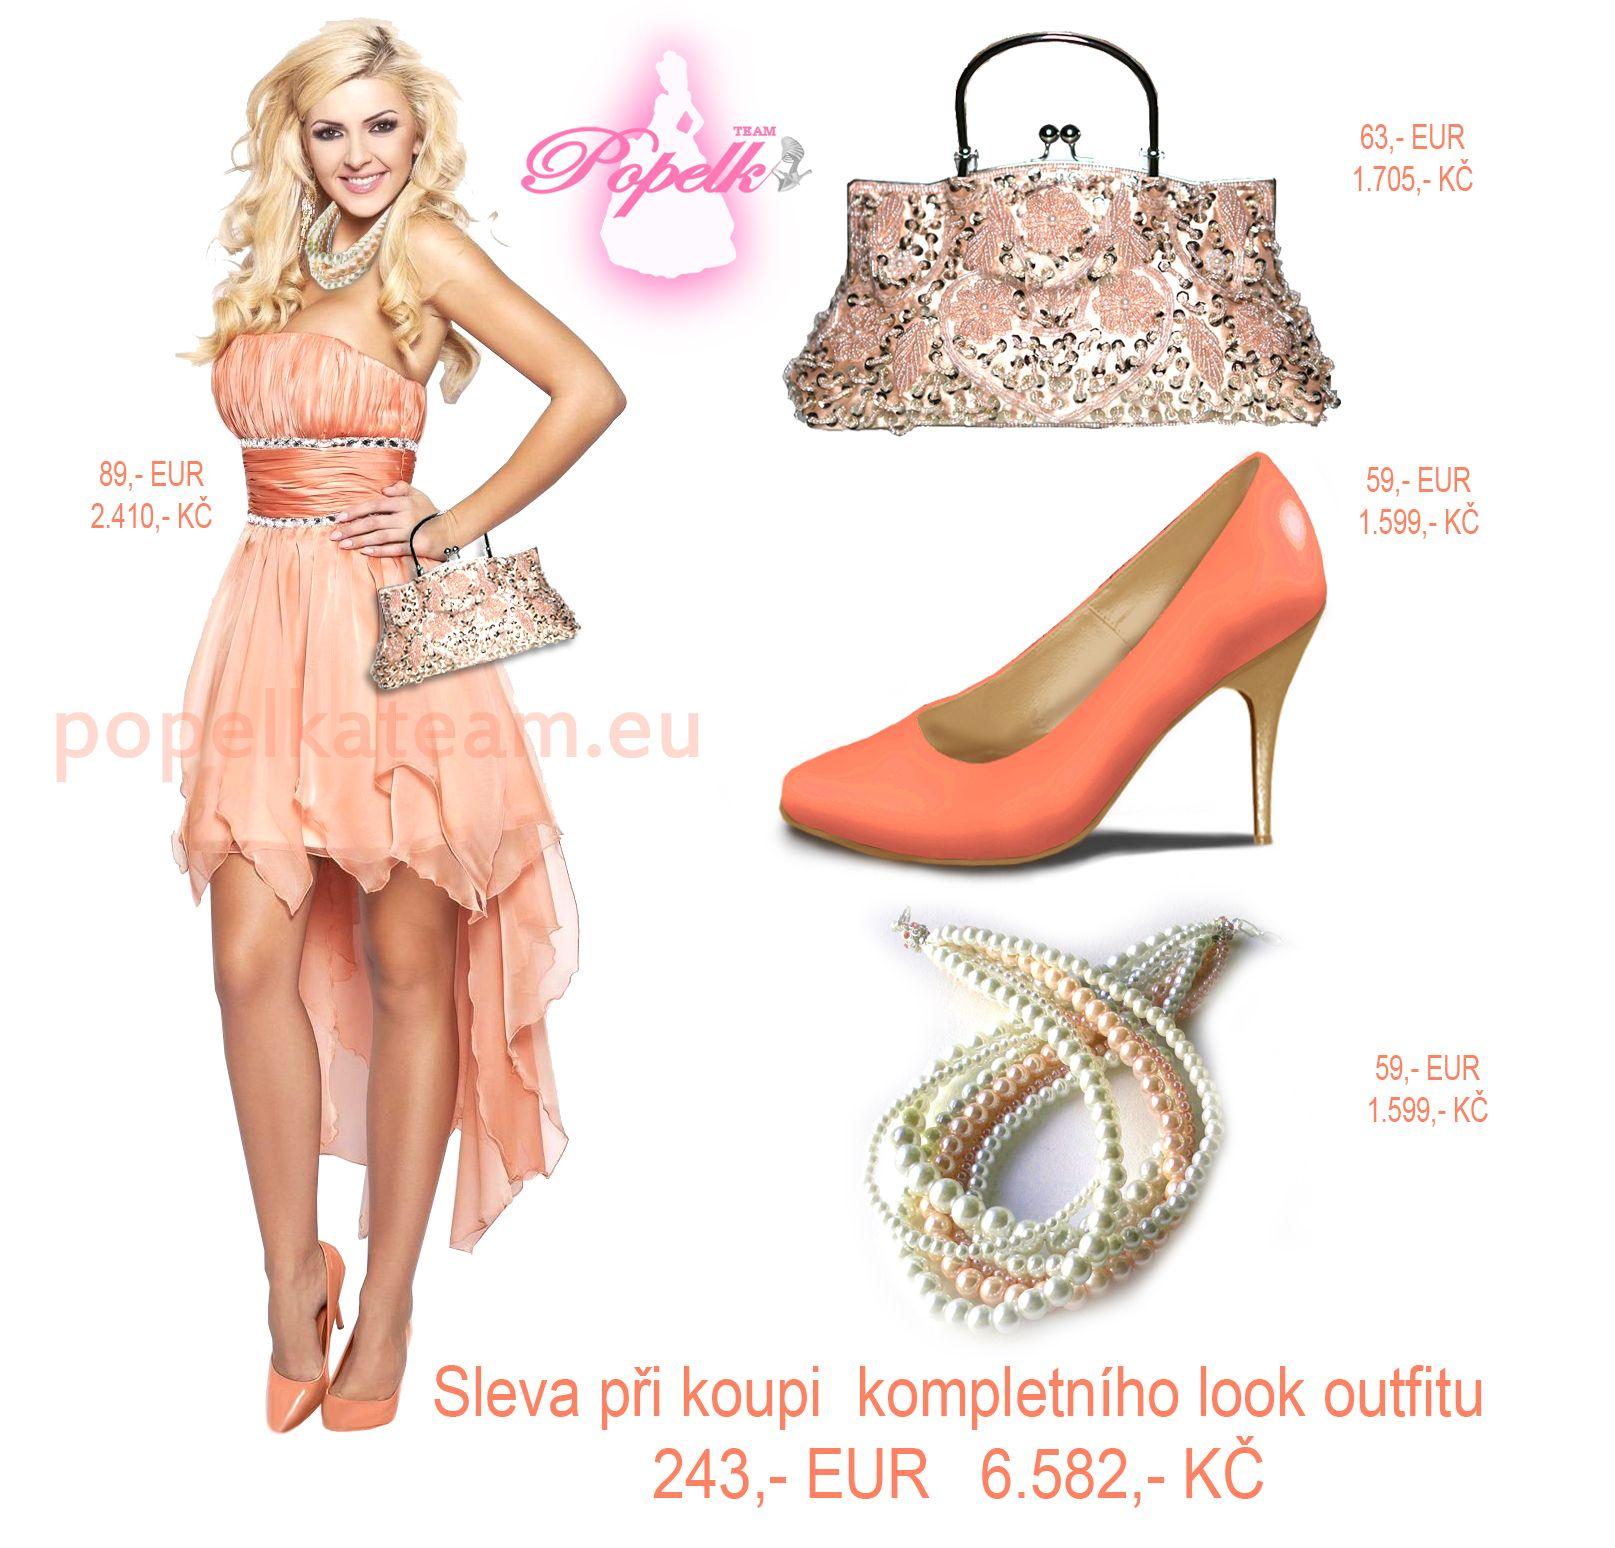 Sleva při koupi kompletního look outfitu. Šaty, boty, kabelka, bižuterie. Platí pro komplety z naší nabídky, jakož i ty, které si sama navrhnete .